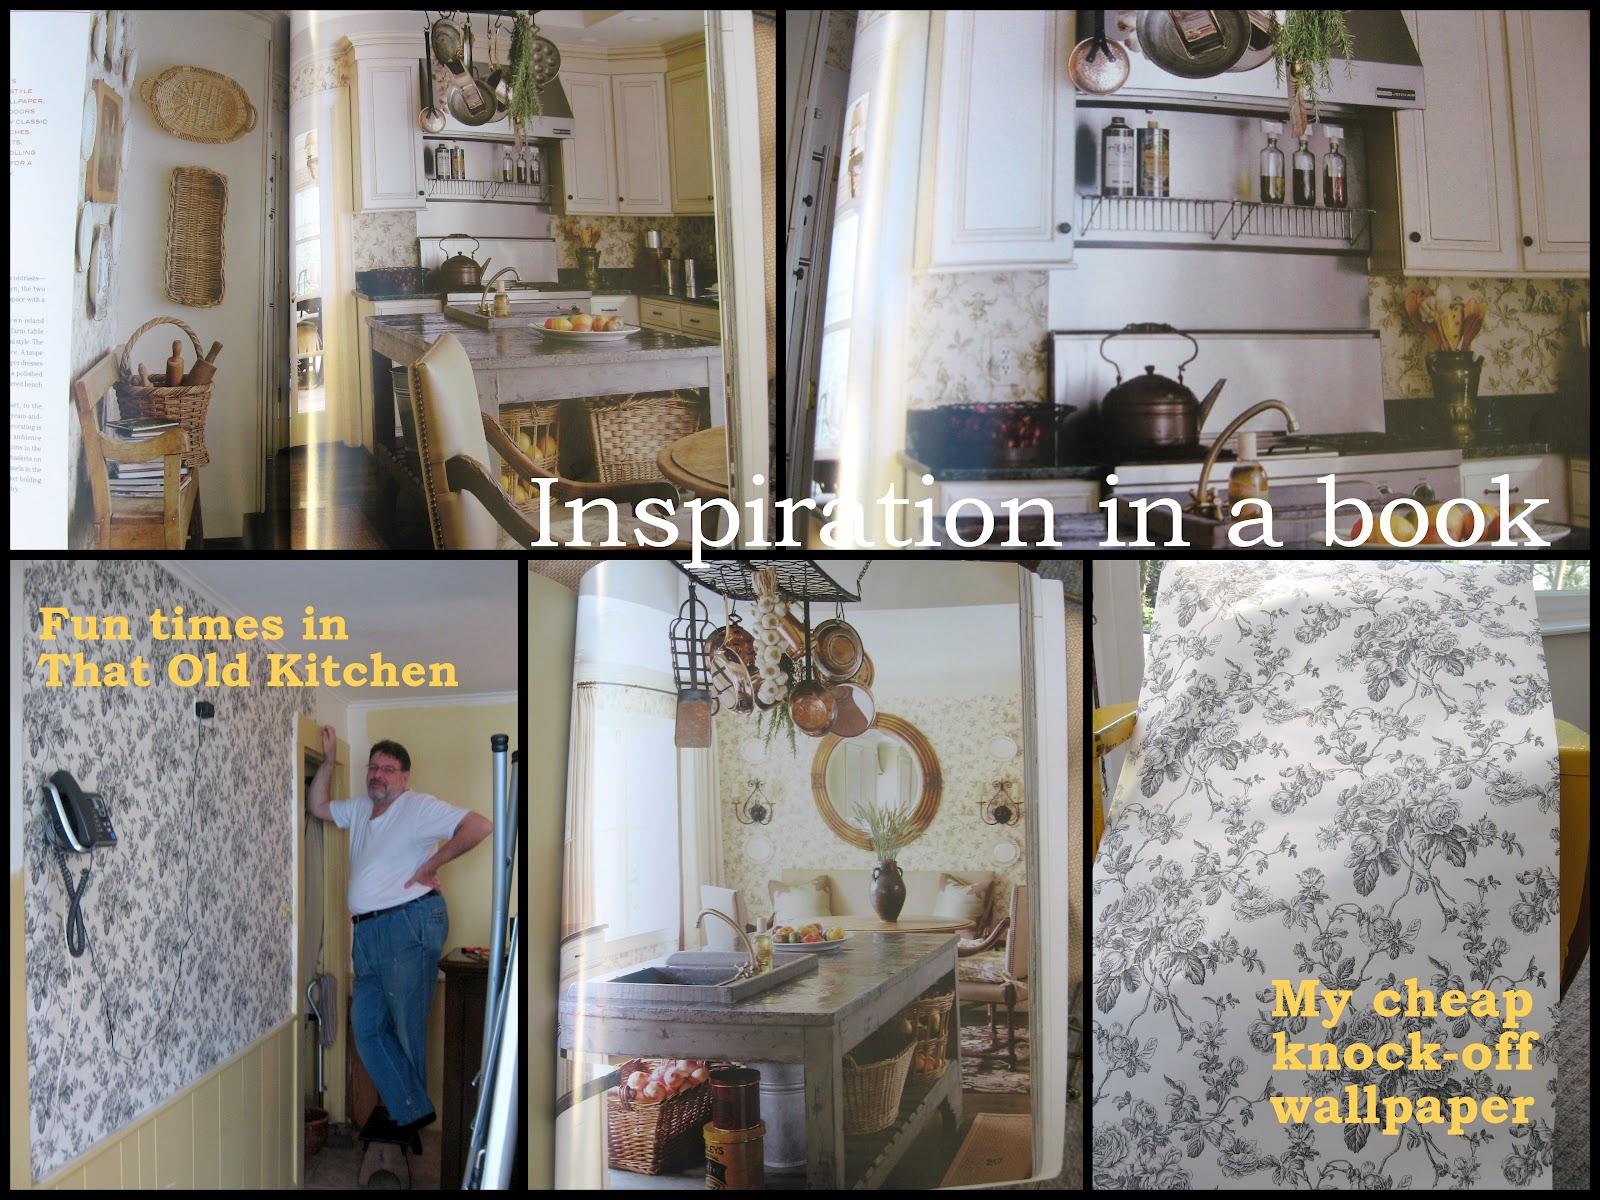 http://1.bp.blogspot.com/-qeTnSnN5HyU/T2dKFdJnw6I/AAAAAAAAhDI/Rz5mrO63owM/s1600/Kitchen%2BProgress%2B2012.jpg